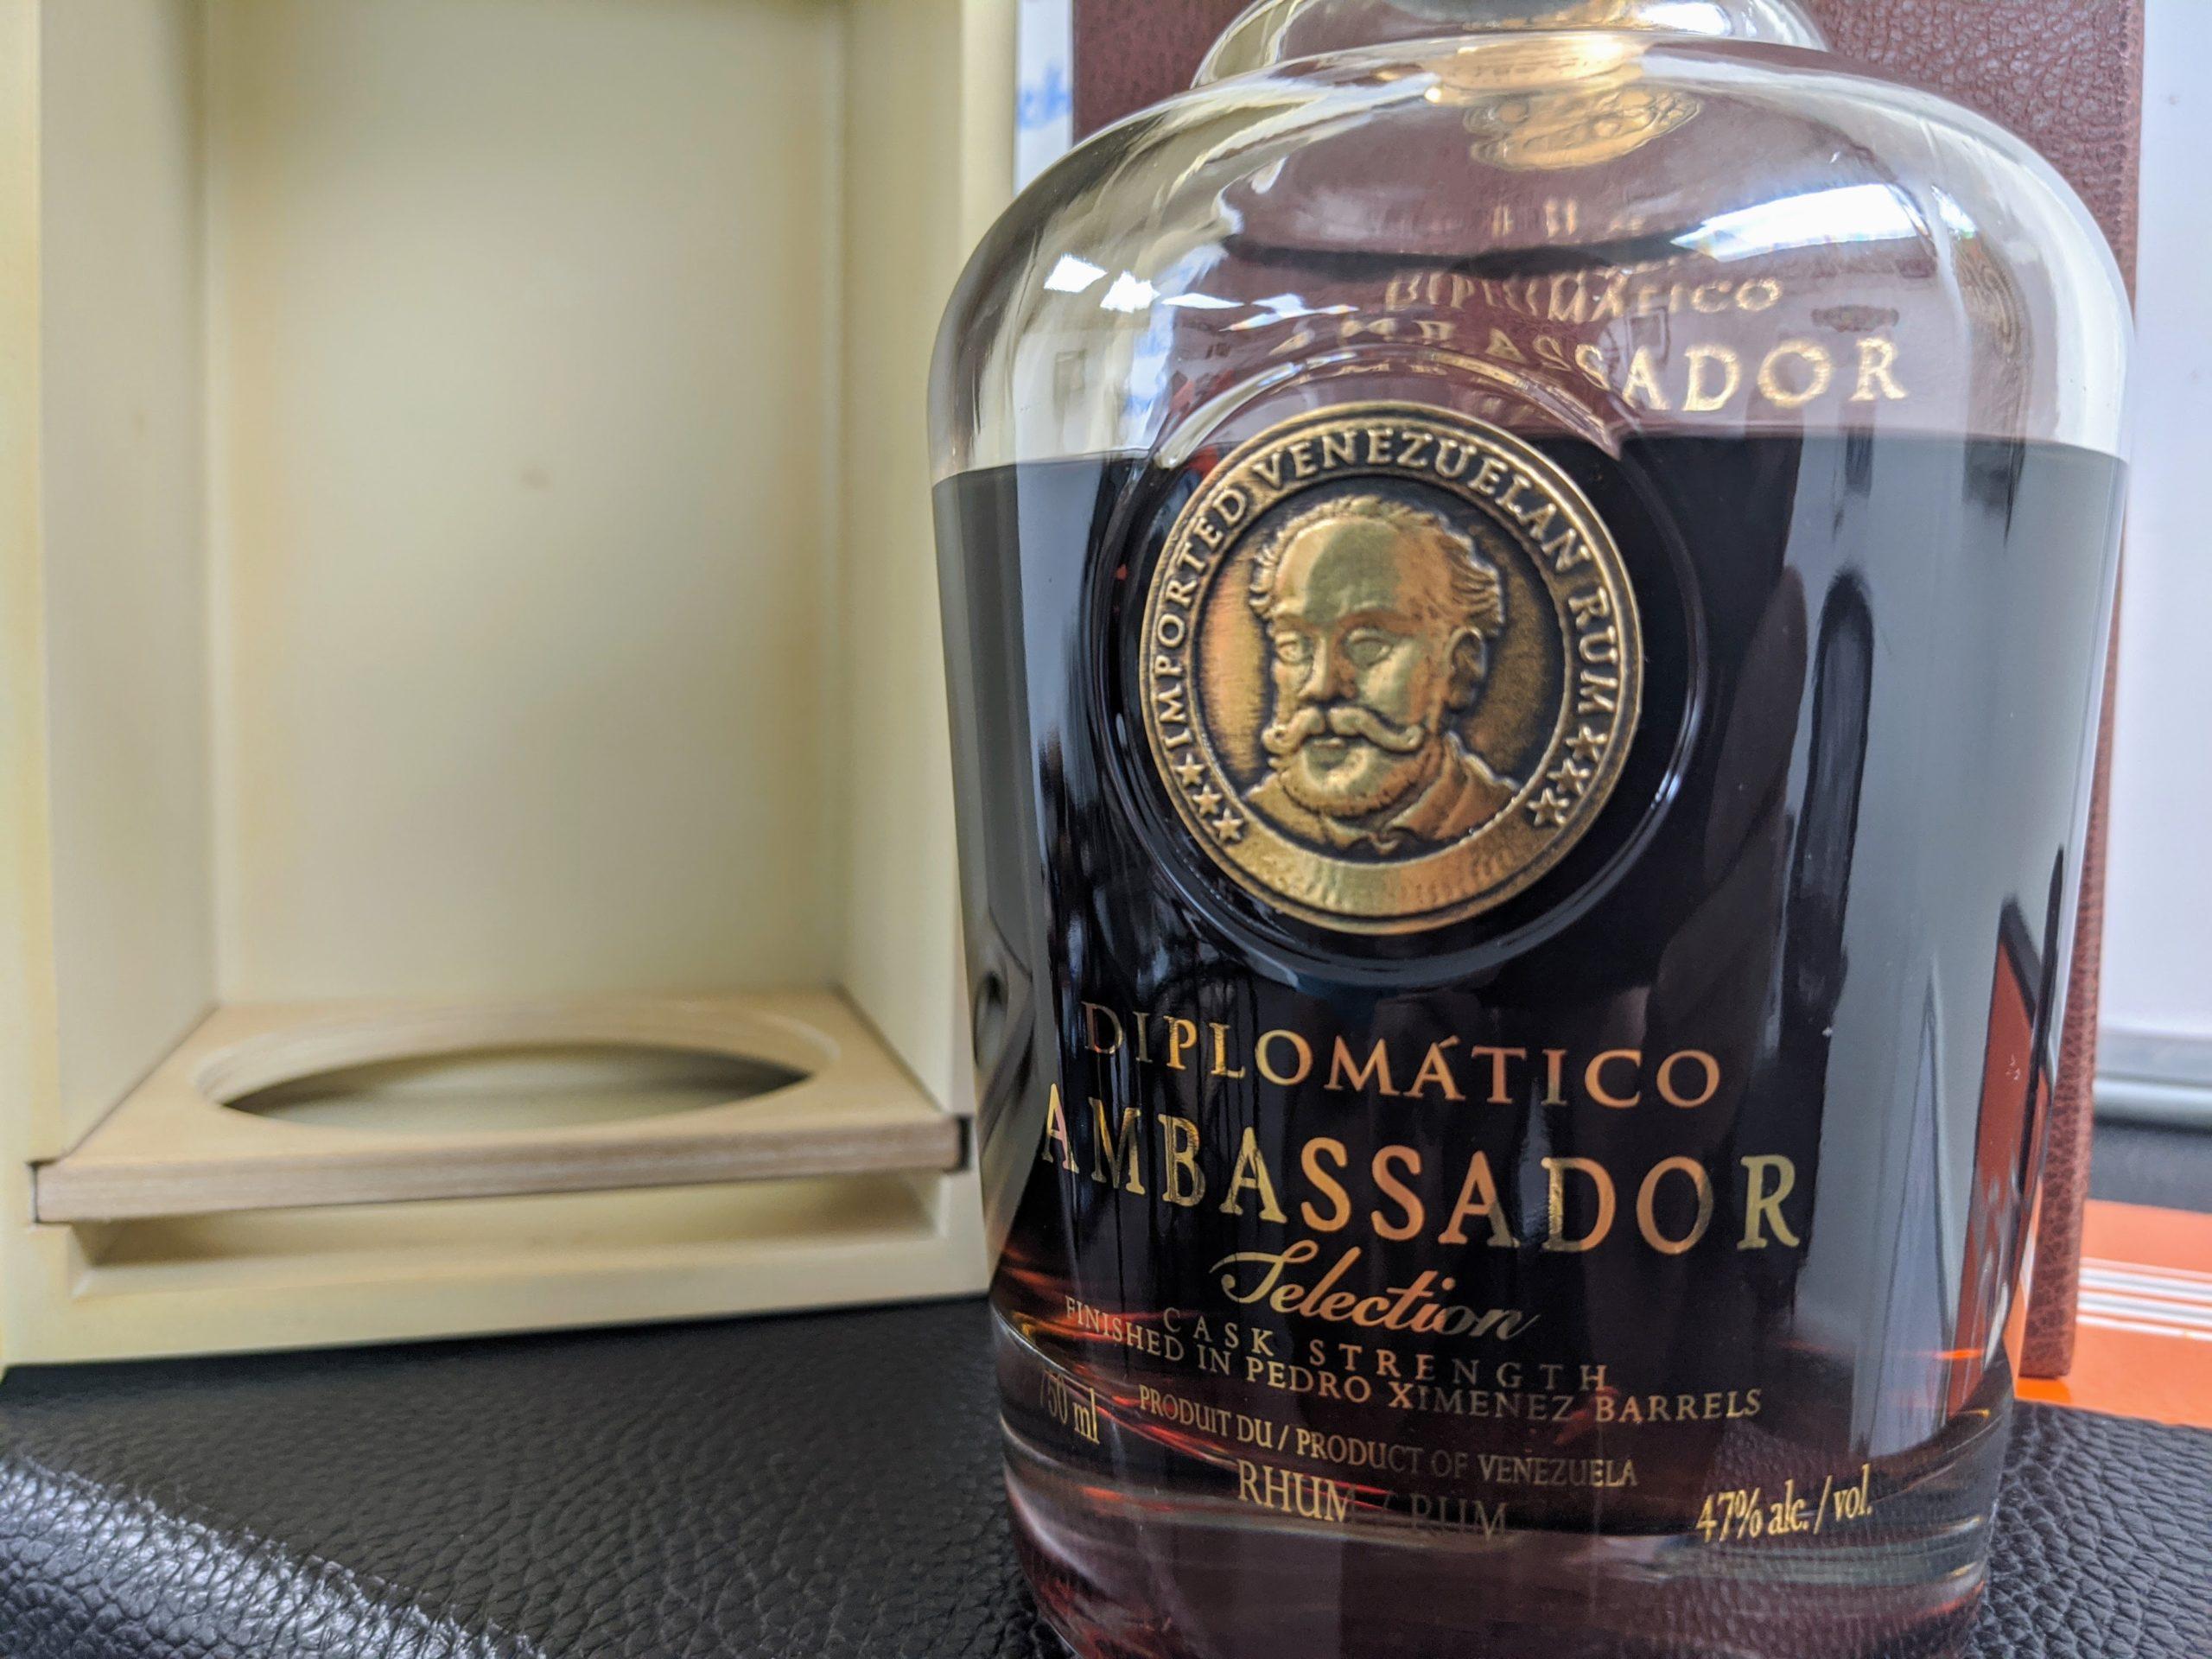 Diplomatico Ambassador rum